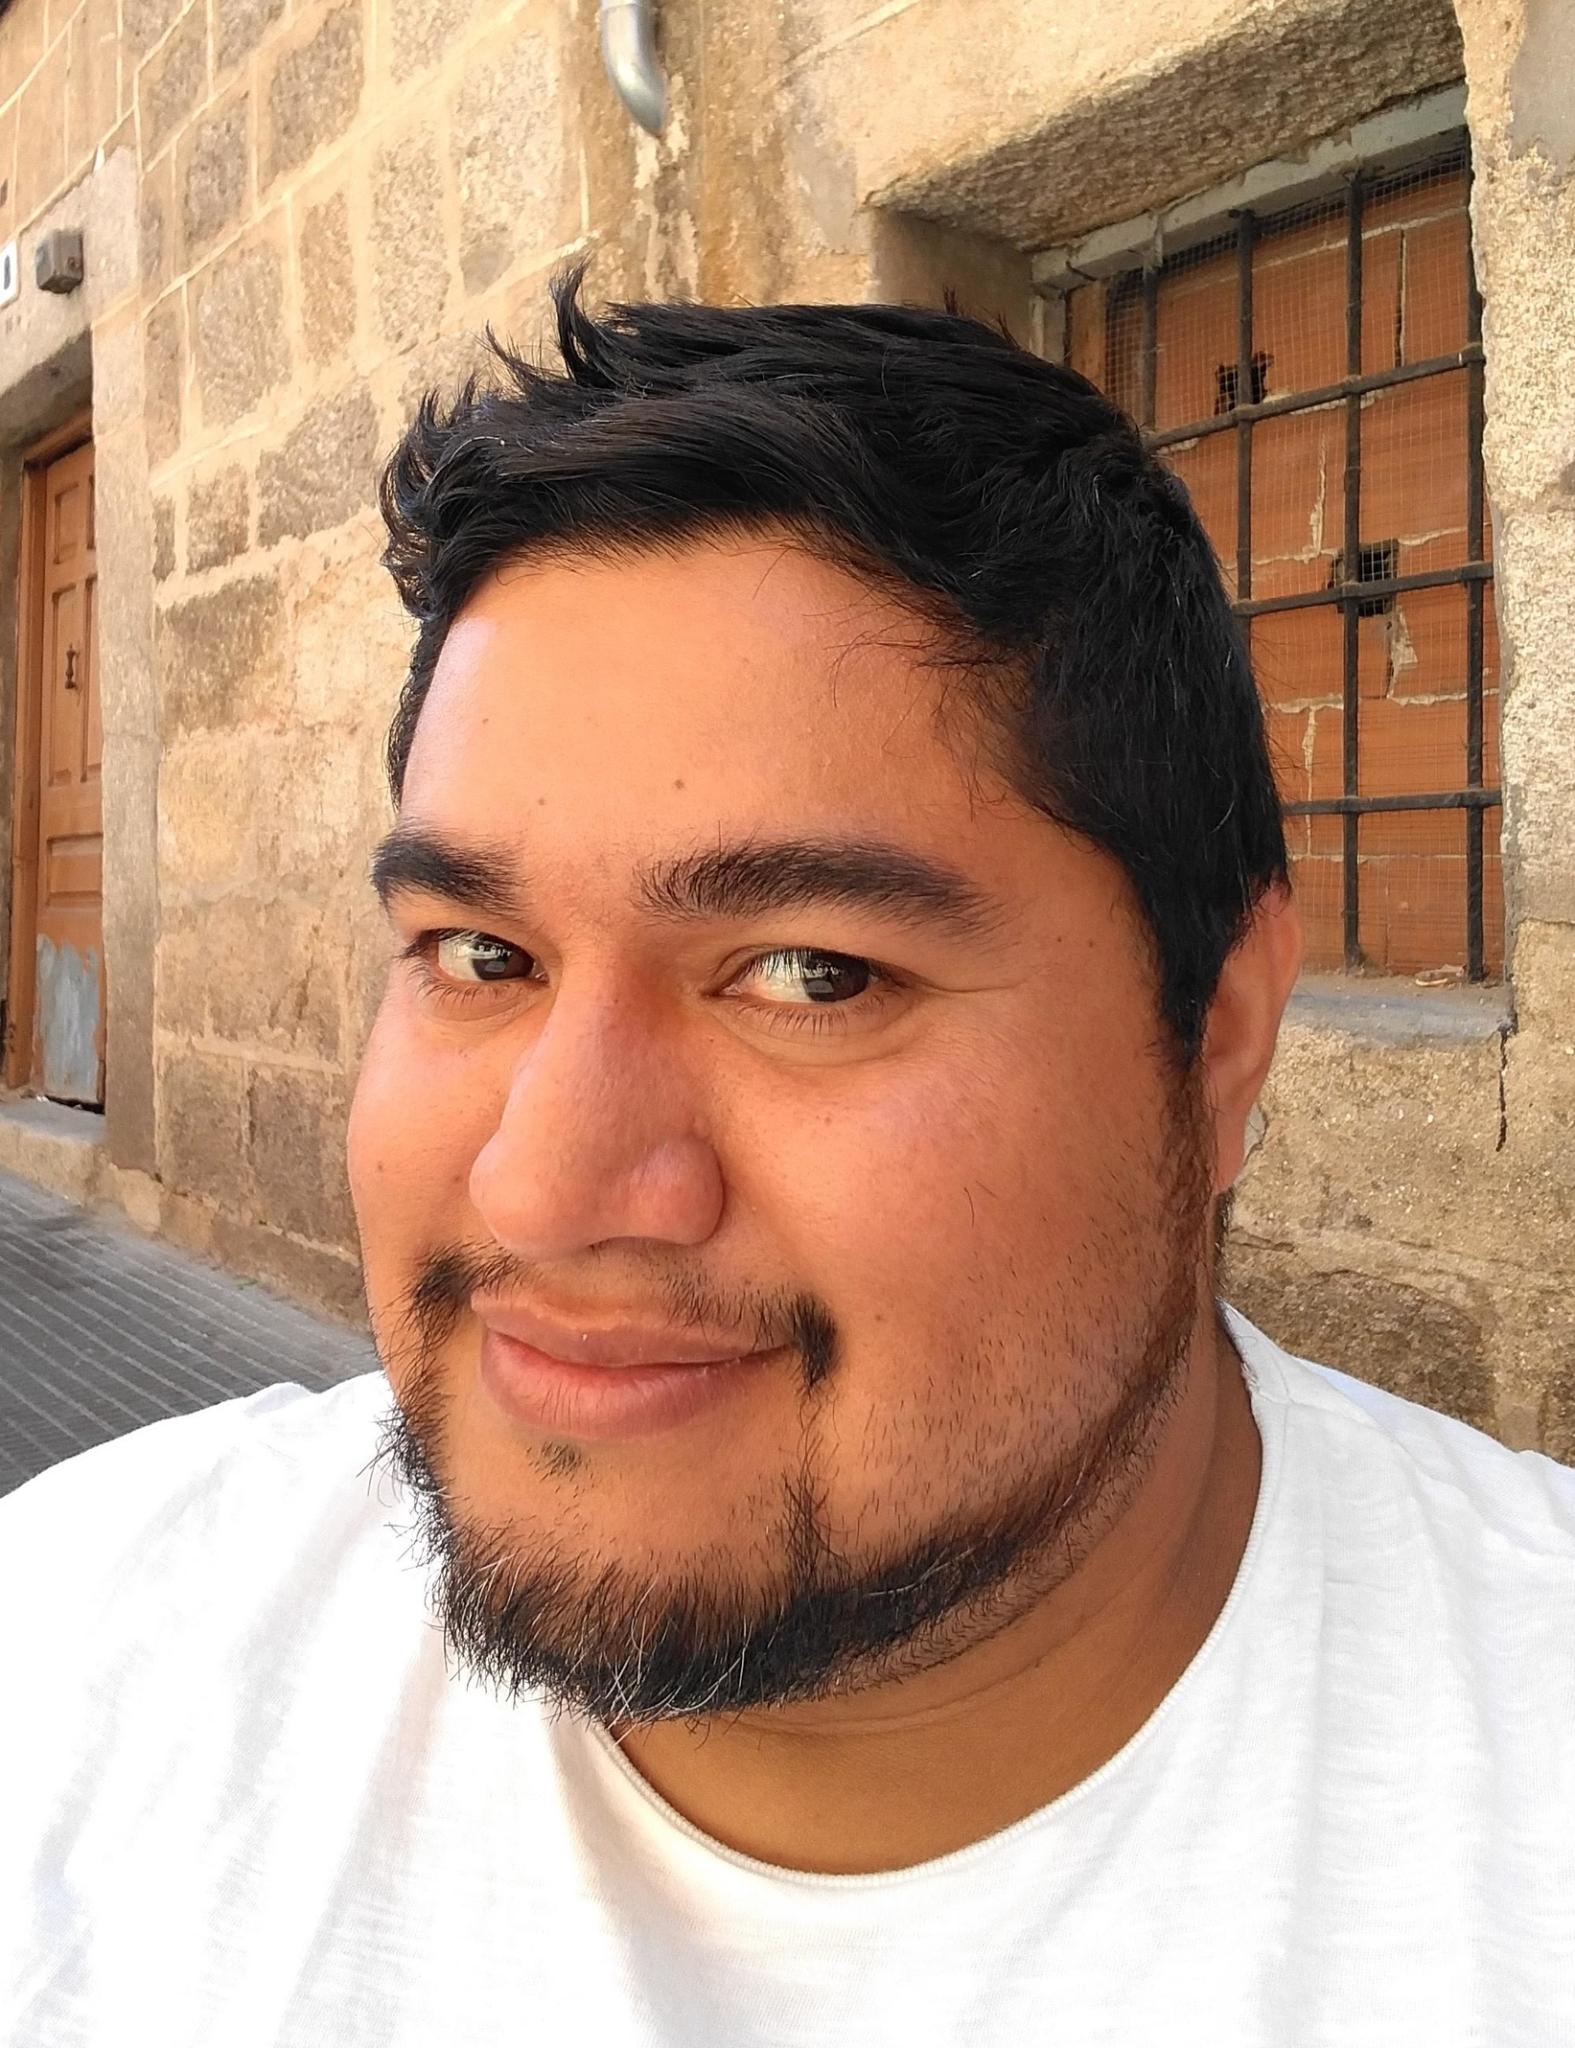 Hola! Mi nombre es Luis Reyes